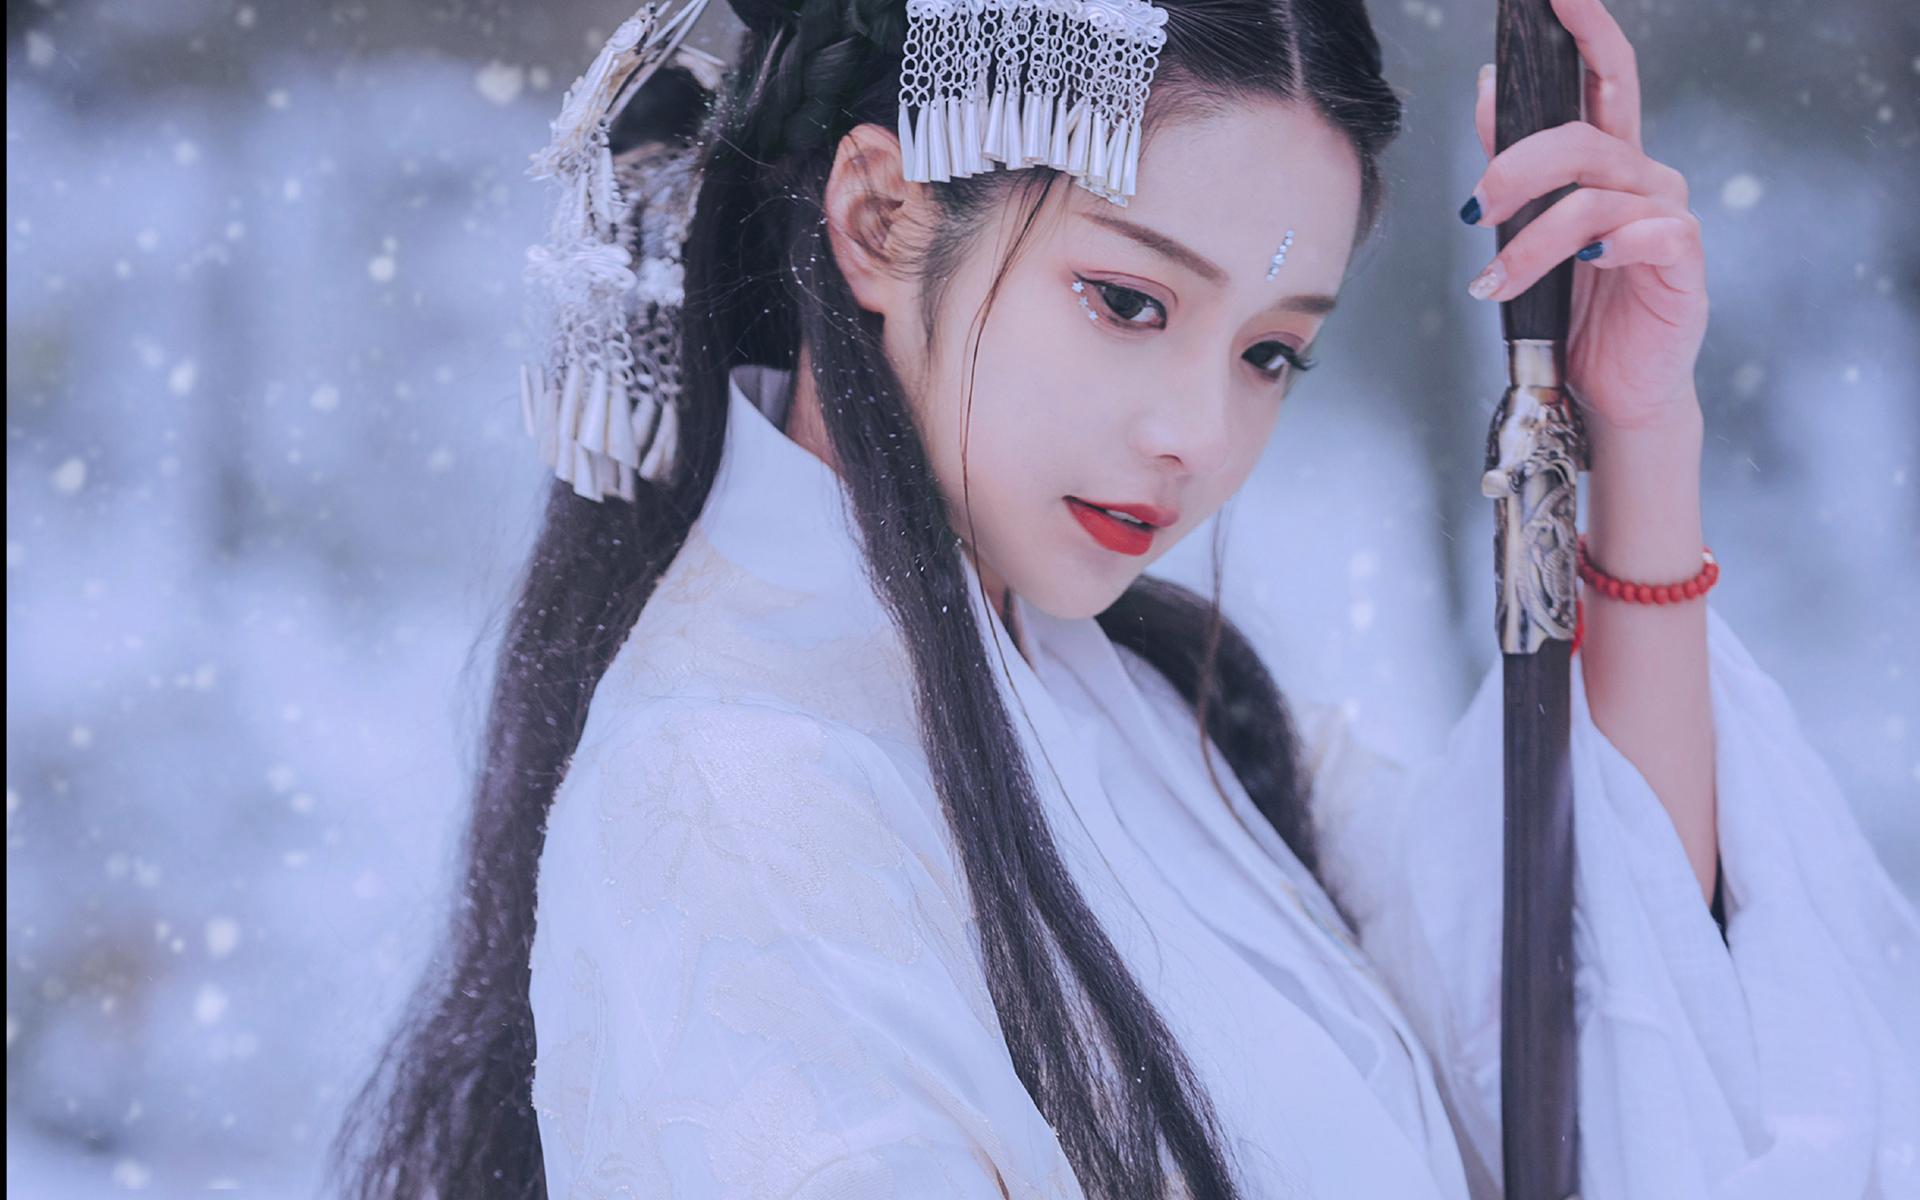 古装漂亮优雅美女雪中唯美动人桌面壁纸